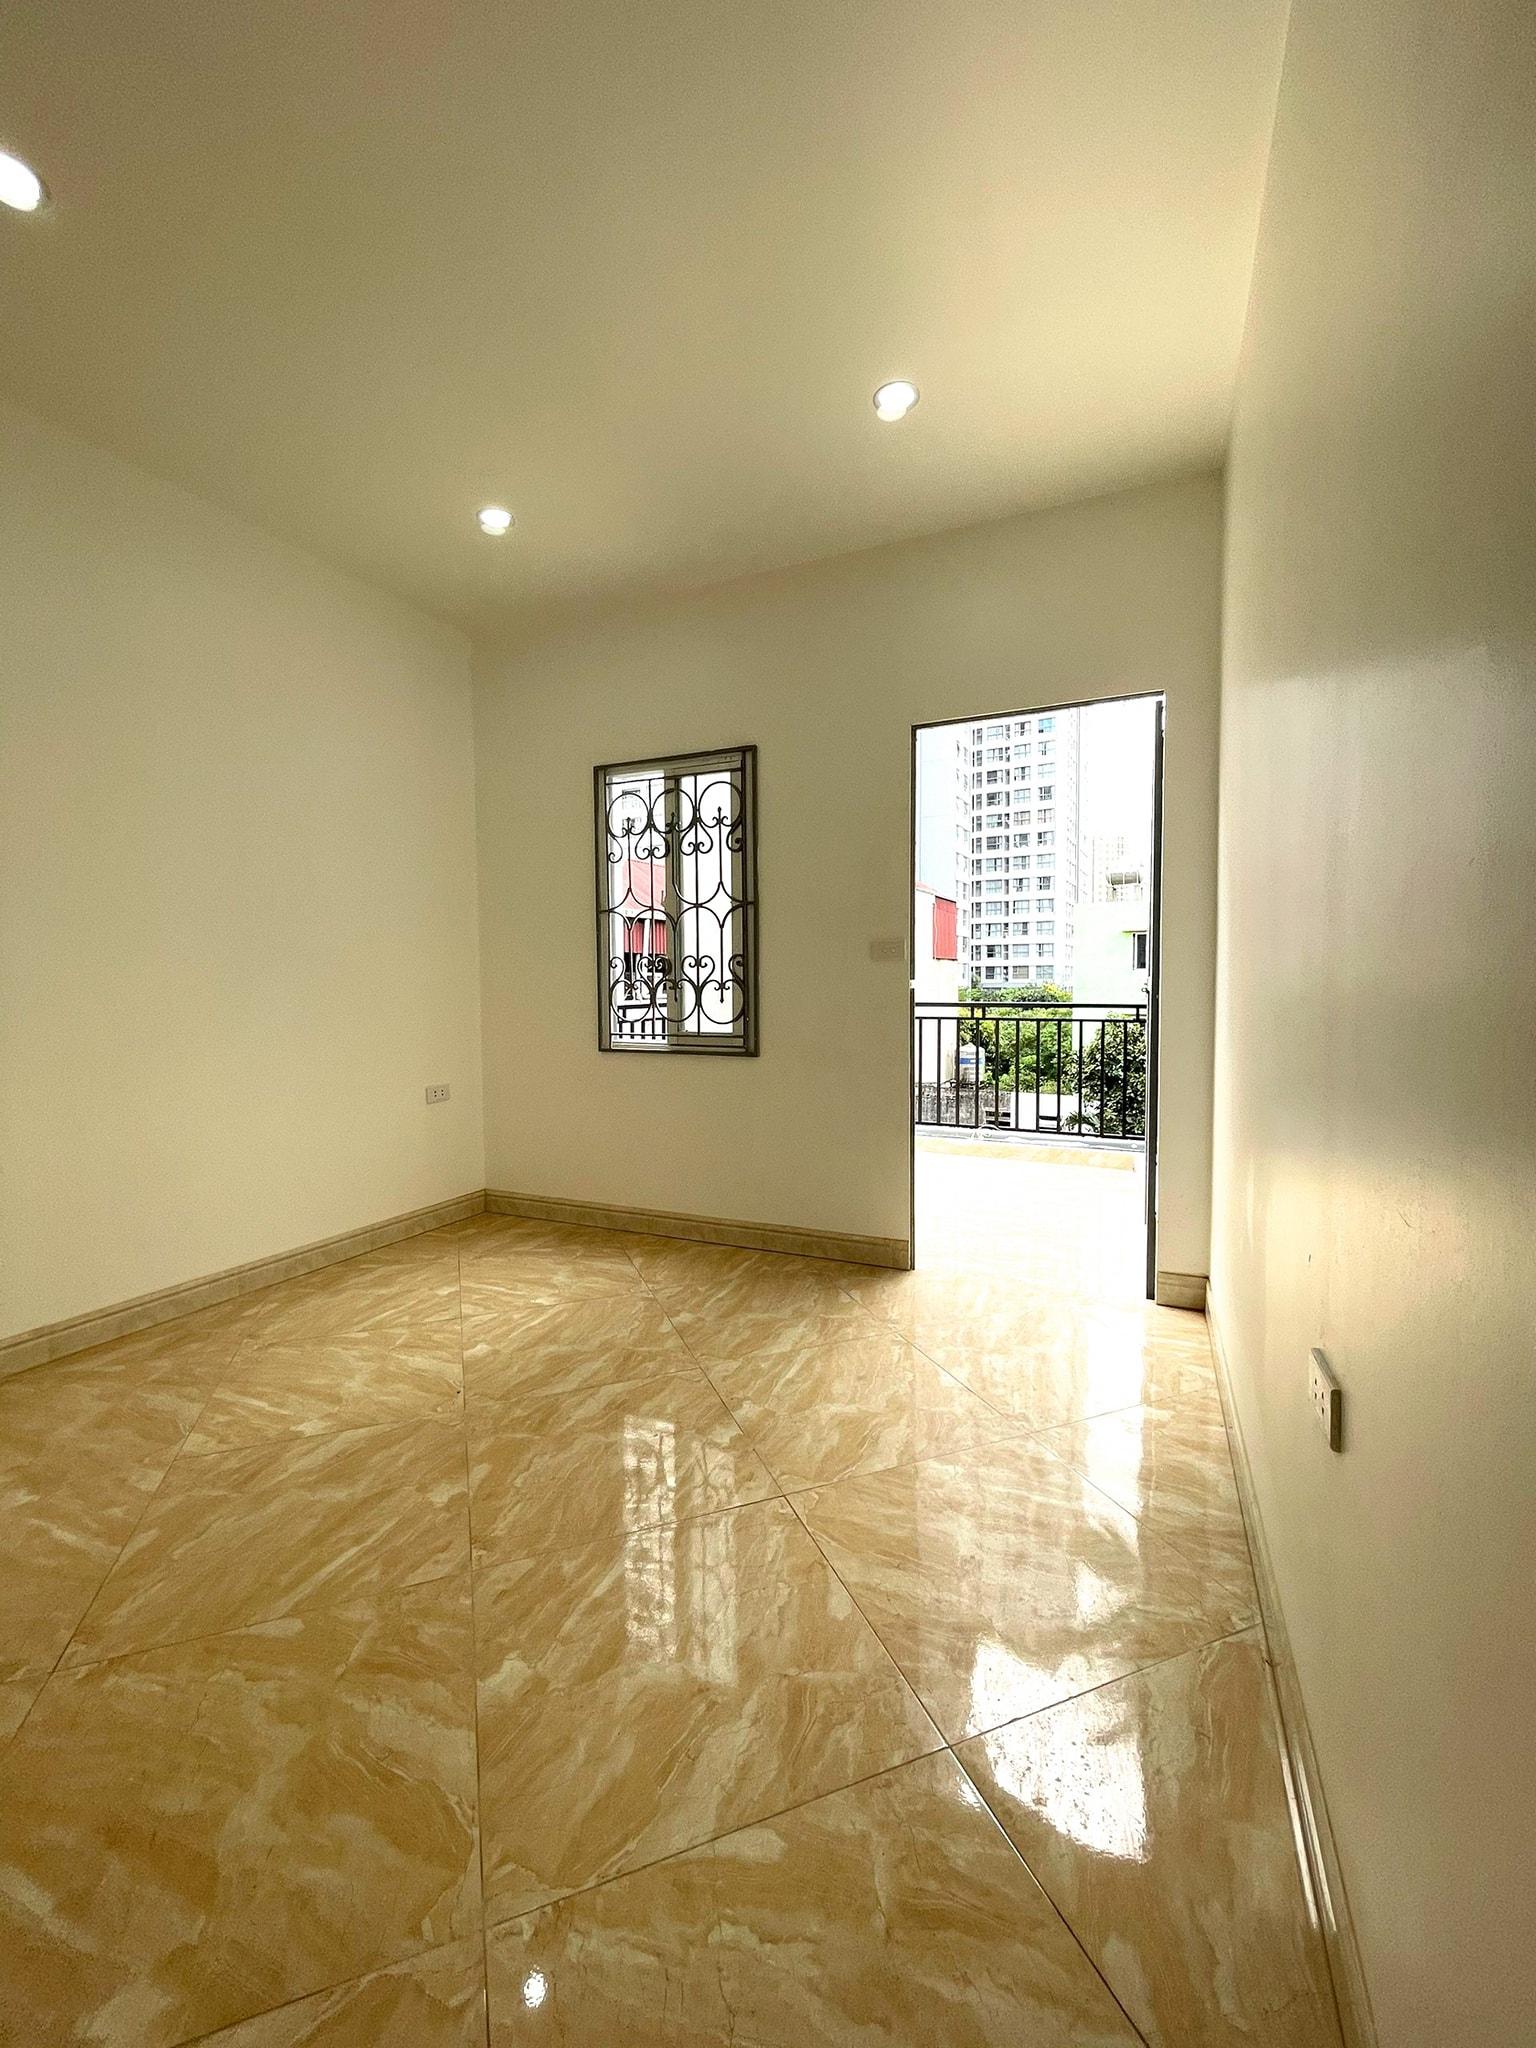 Bán nhà ngõ 139 Tam Trinh Hai Bà Trưng hà nội 2tỷ2, dt 30m, 4 tầng,mt 3m,lh 0968181902.